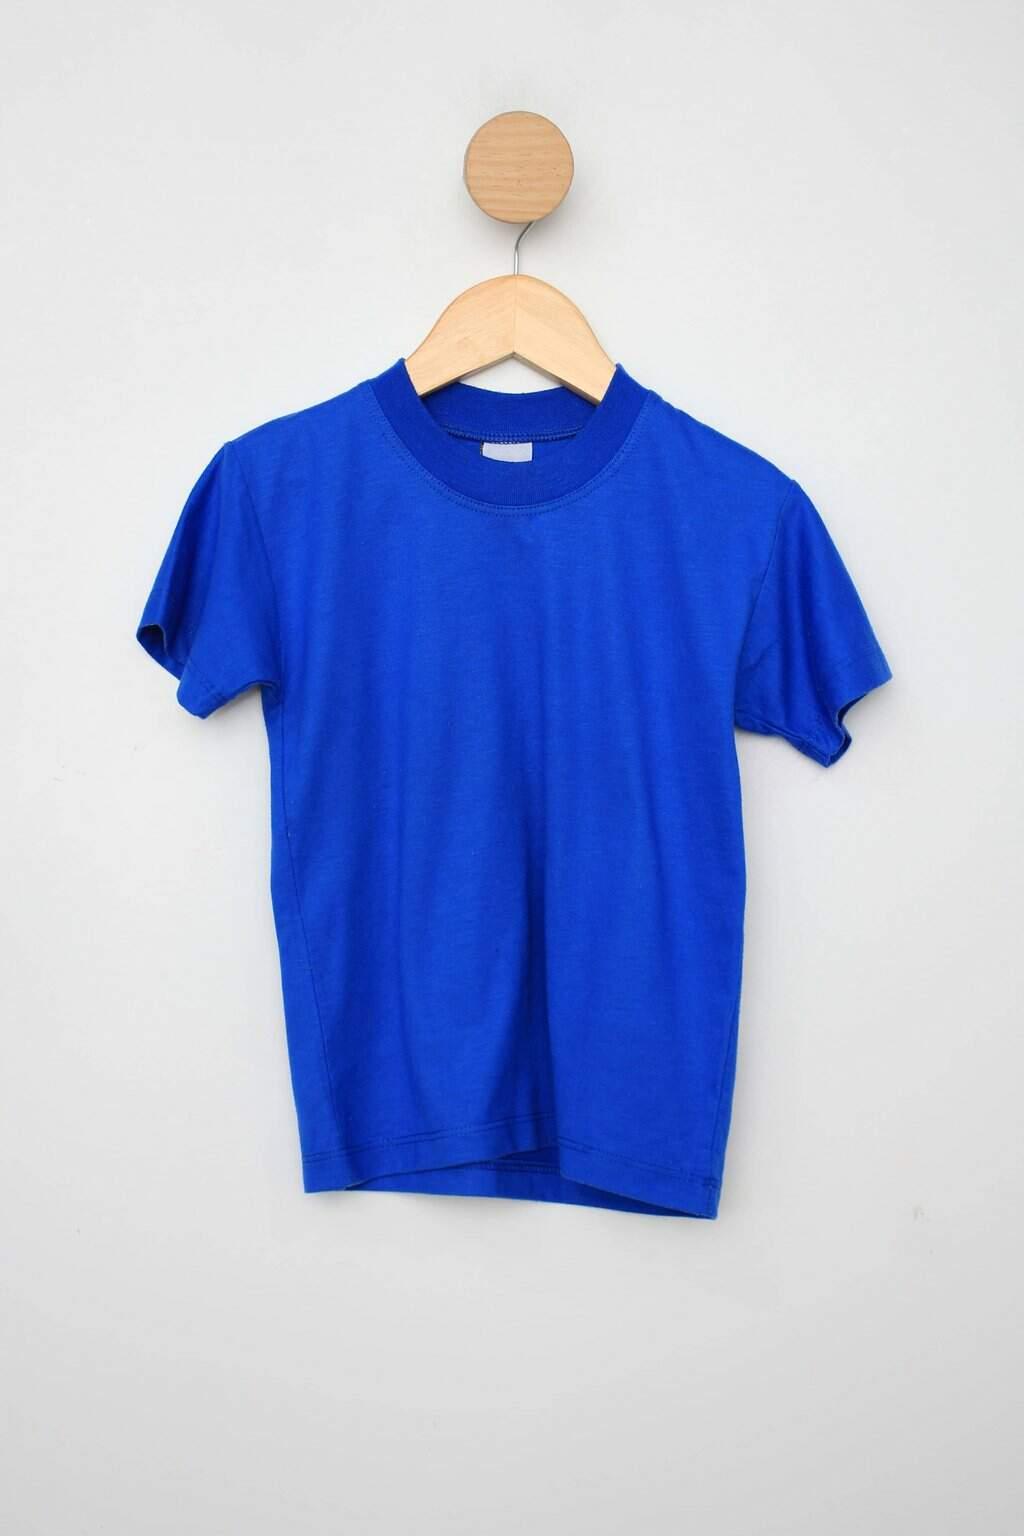 Camiseta Infantil Az Azul